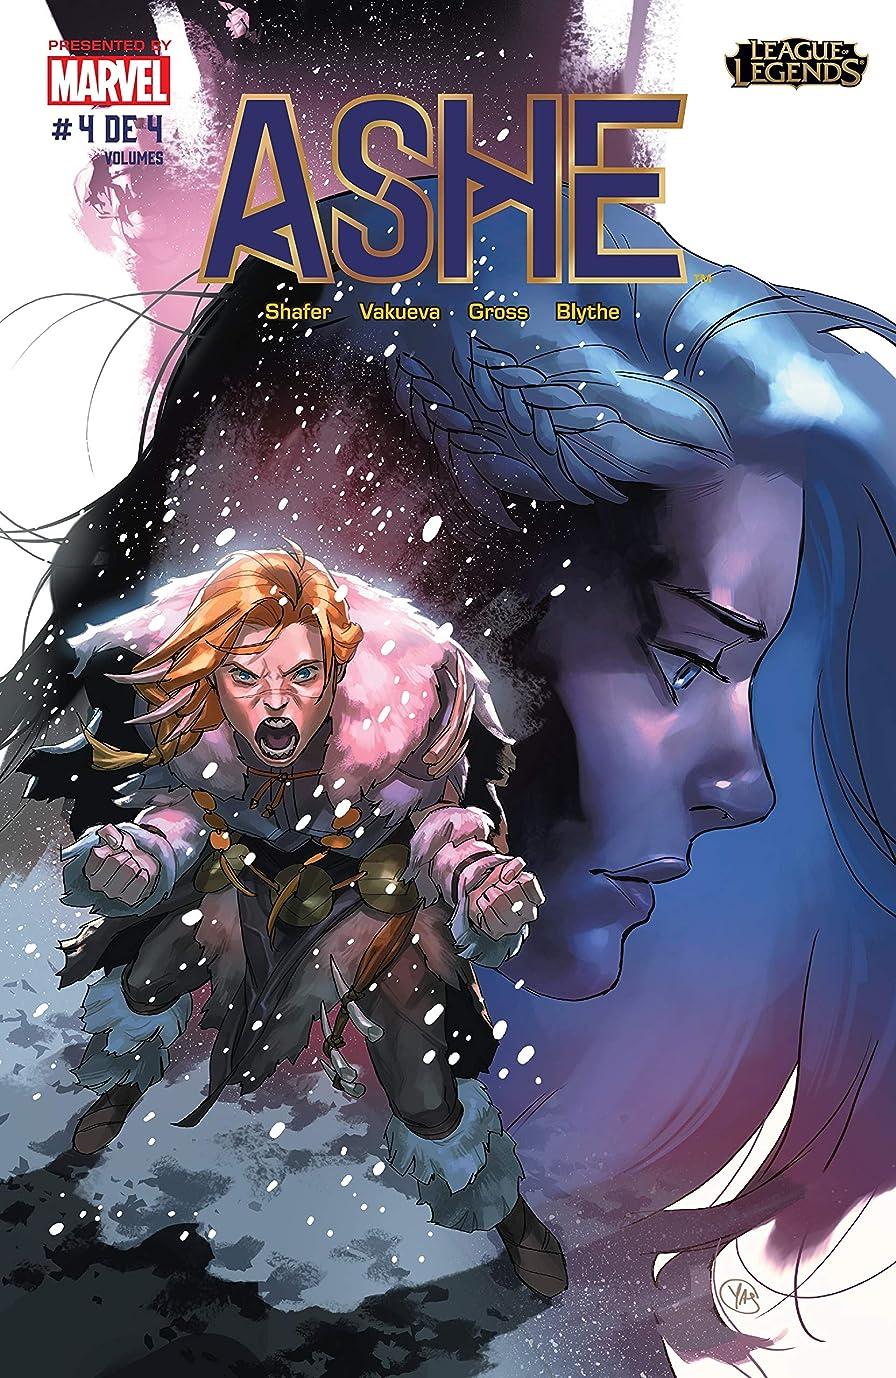 救出胃独裁者League of Legends: Ashe: Warmother Special Edition (Brazilian Portuguese) #4 (of 4) (Portuguese Edition)